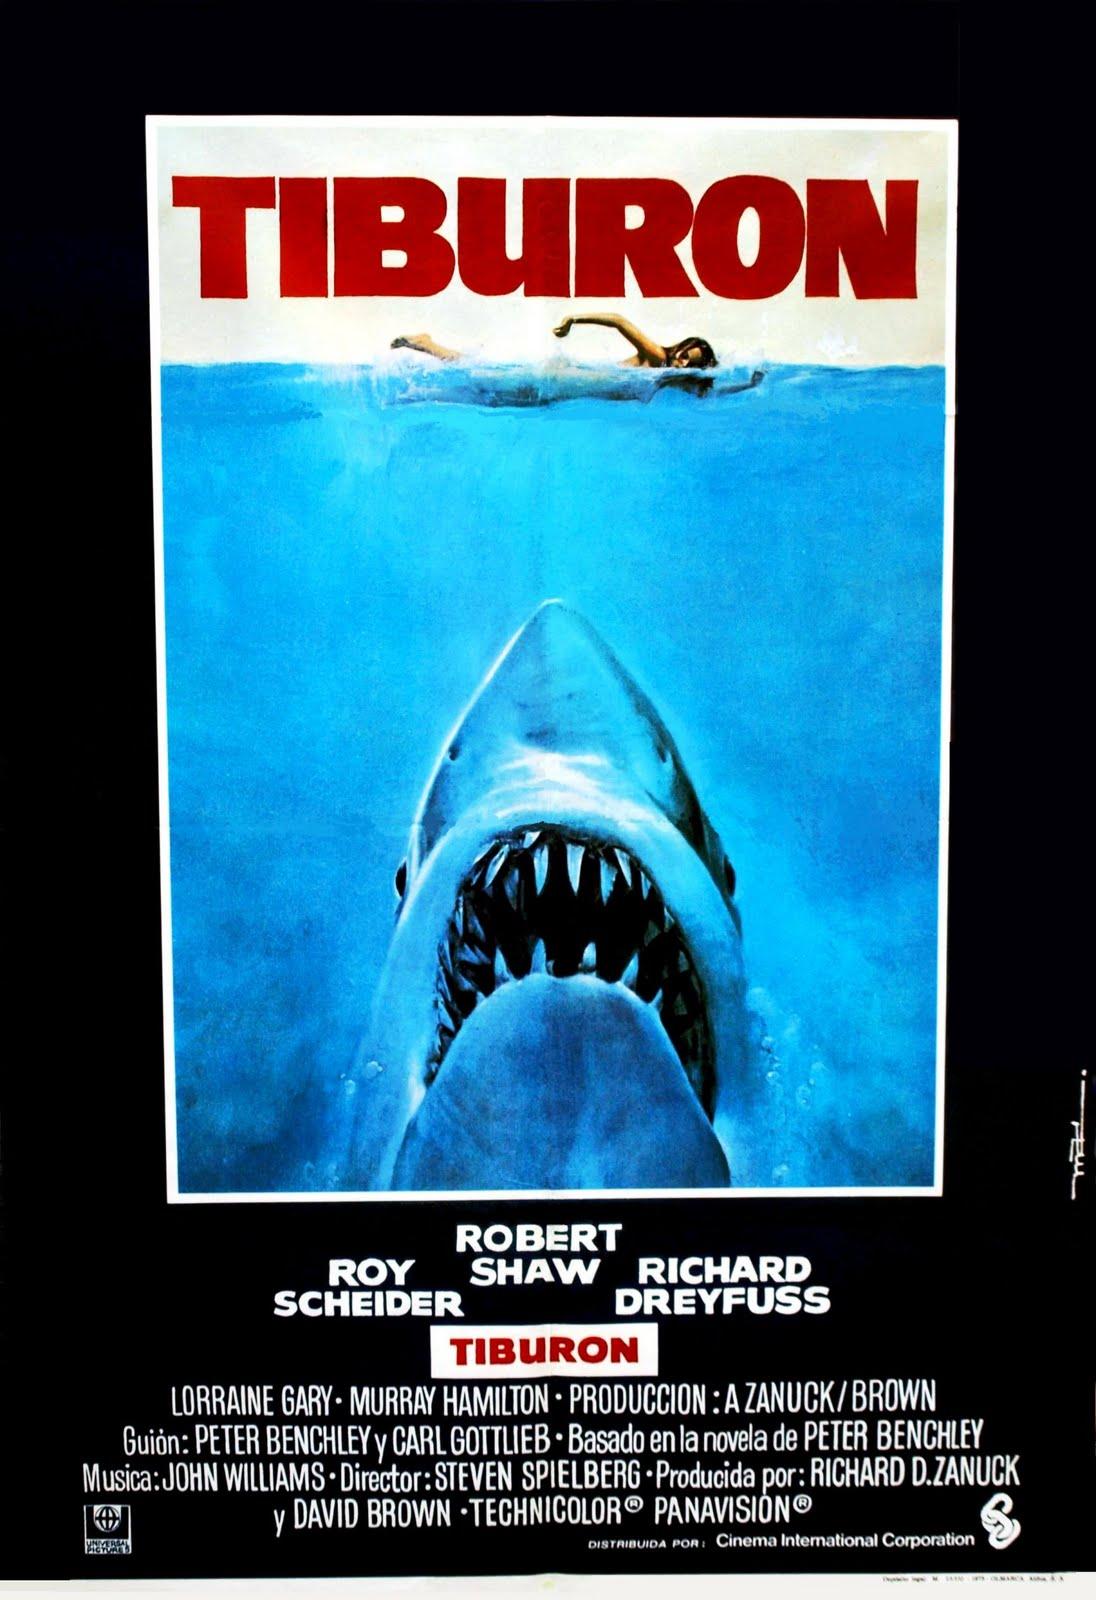 Tiburón (Jaws) (1975)